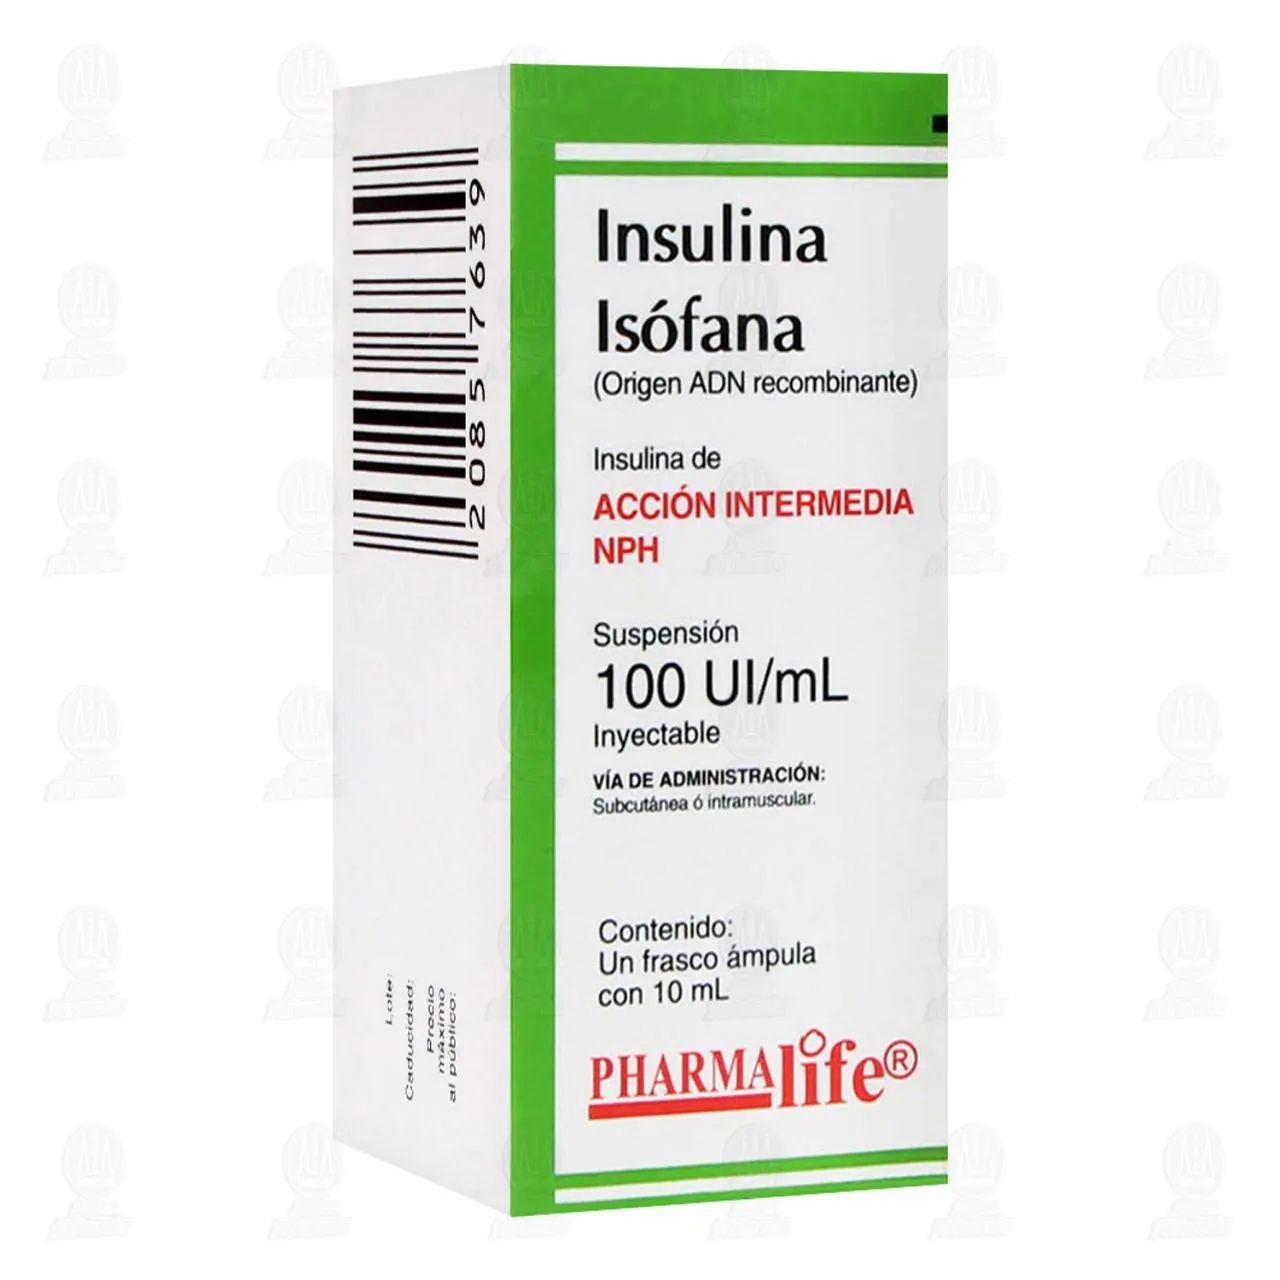 Farmacias Guadalajara: Insulina Isofana Intermedia